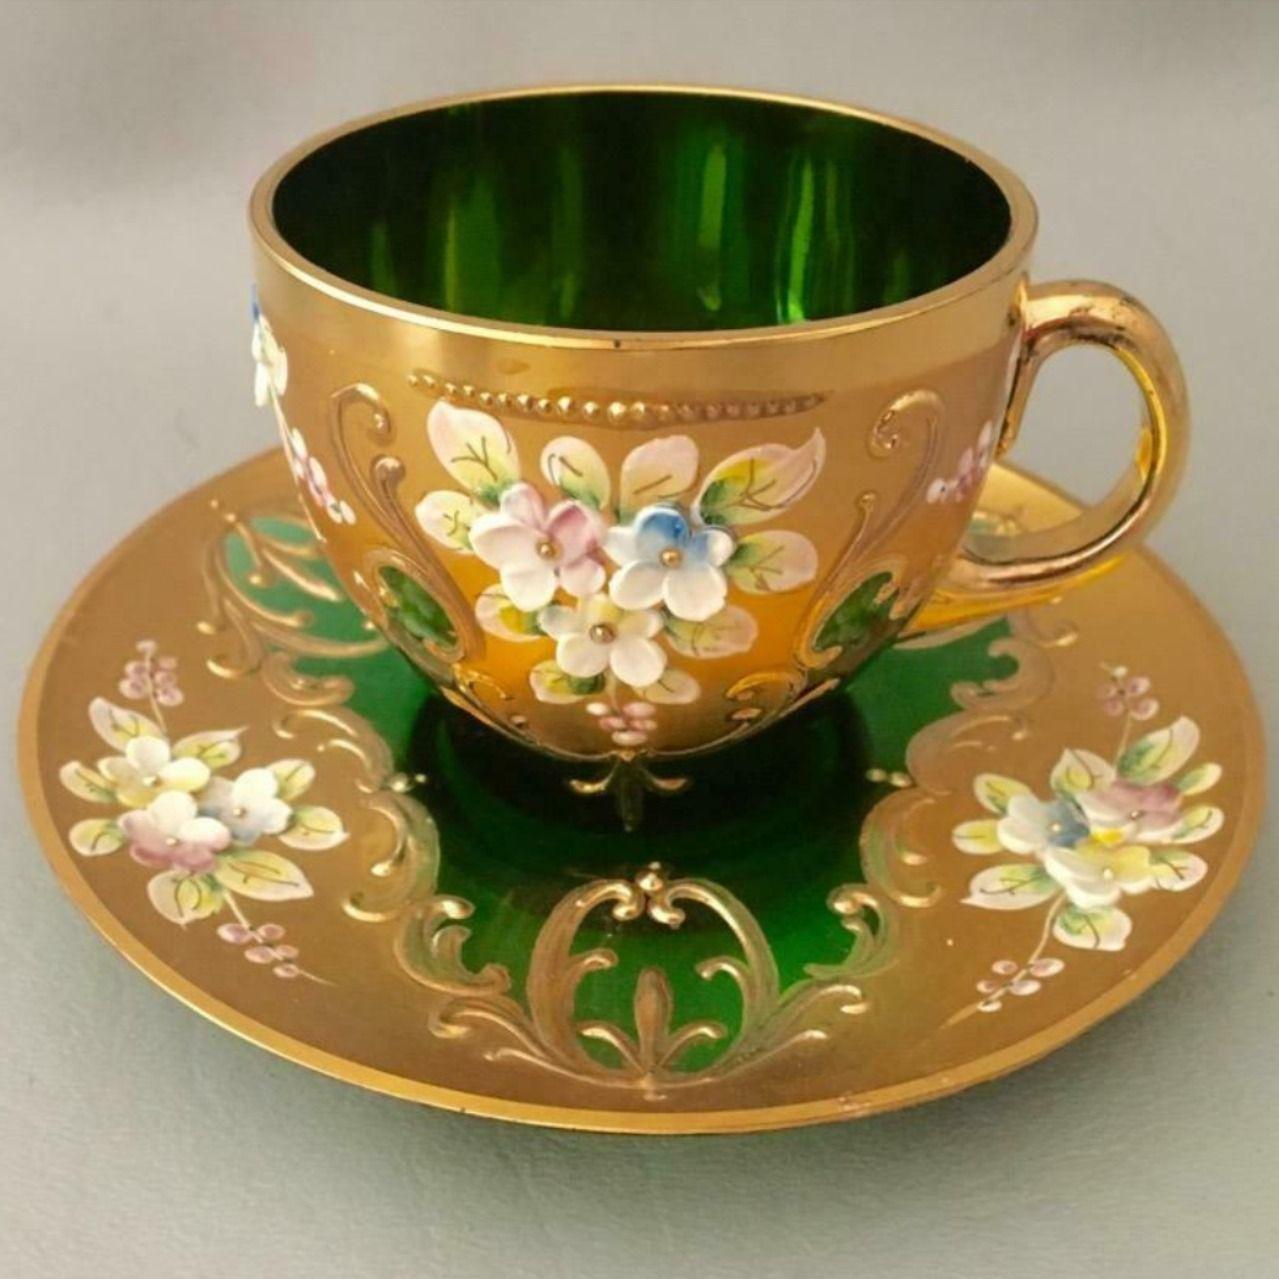 VTG CZECH BOHEMIAN GOLD GILT FLOWER GREEN GLASS TEA COFFEE